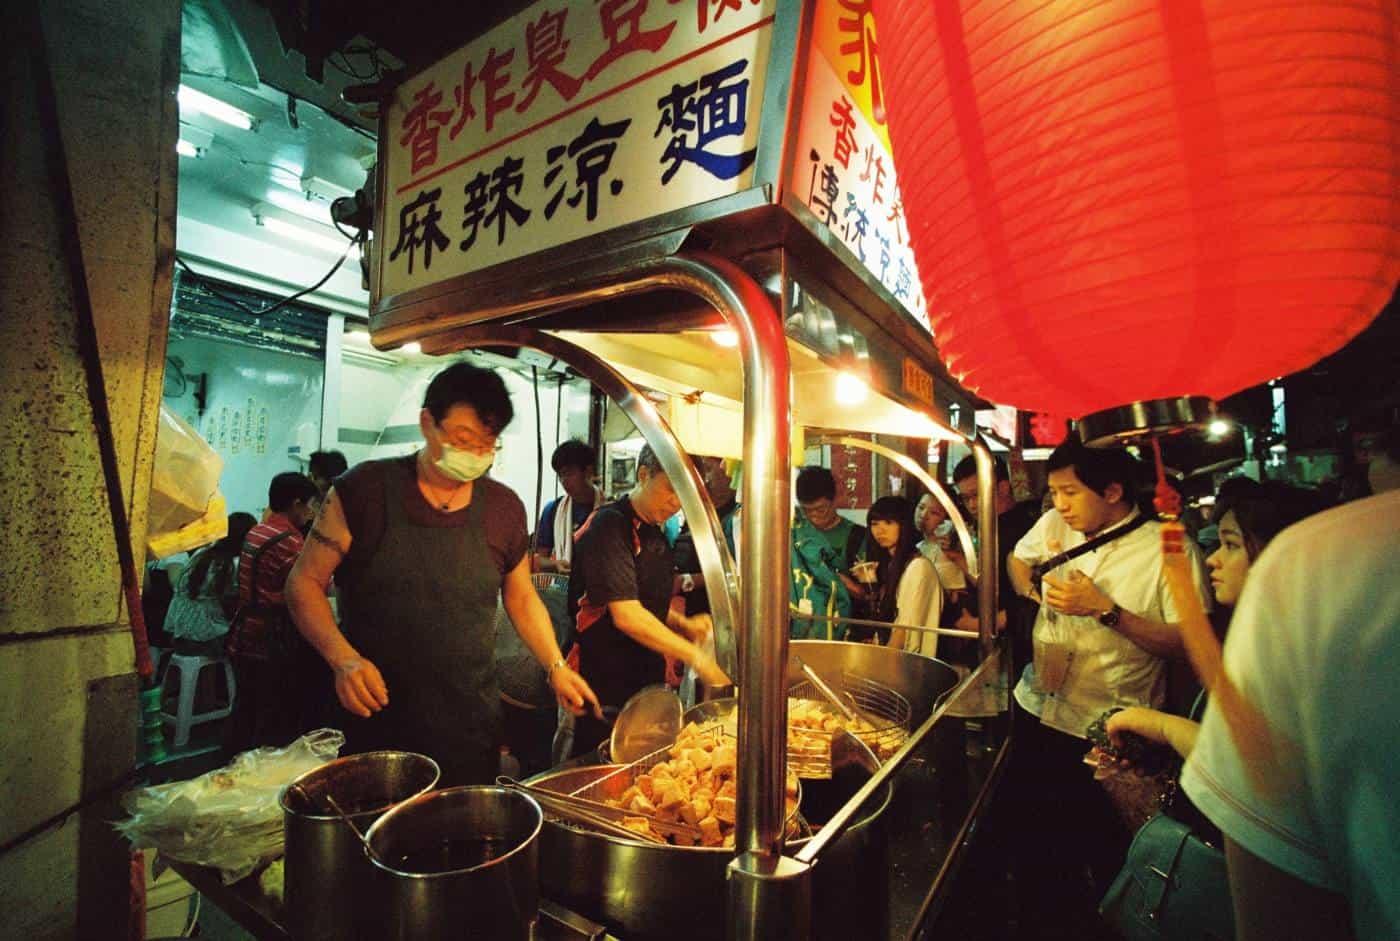 taipei night markets in taiwan